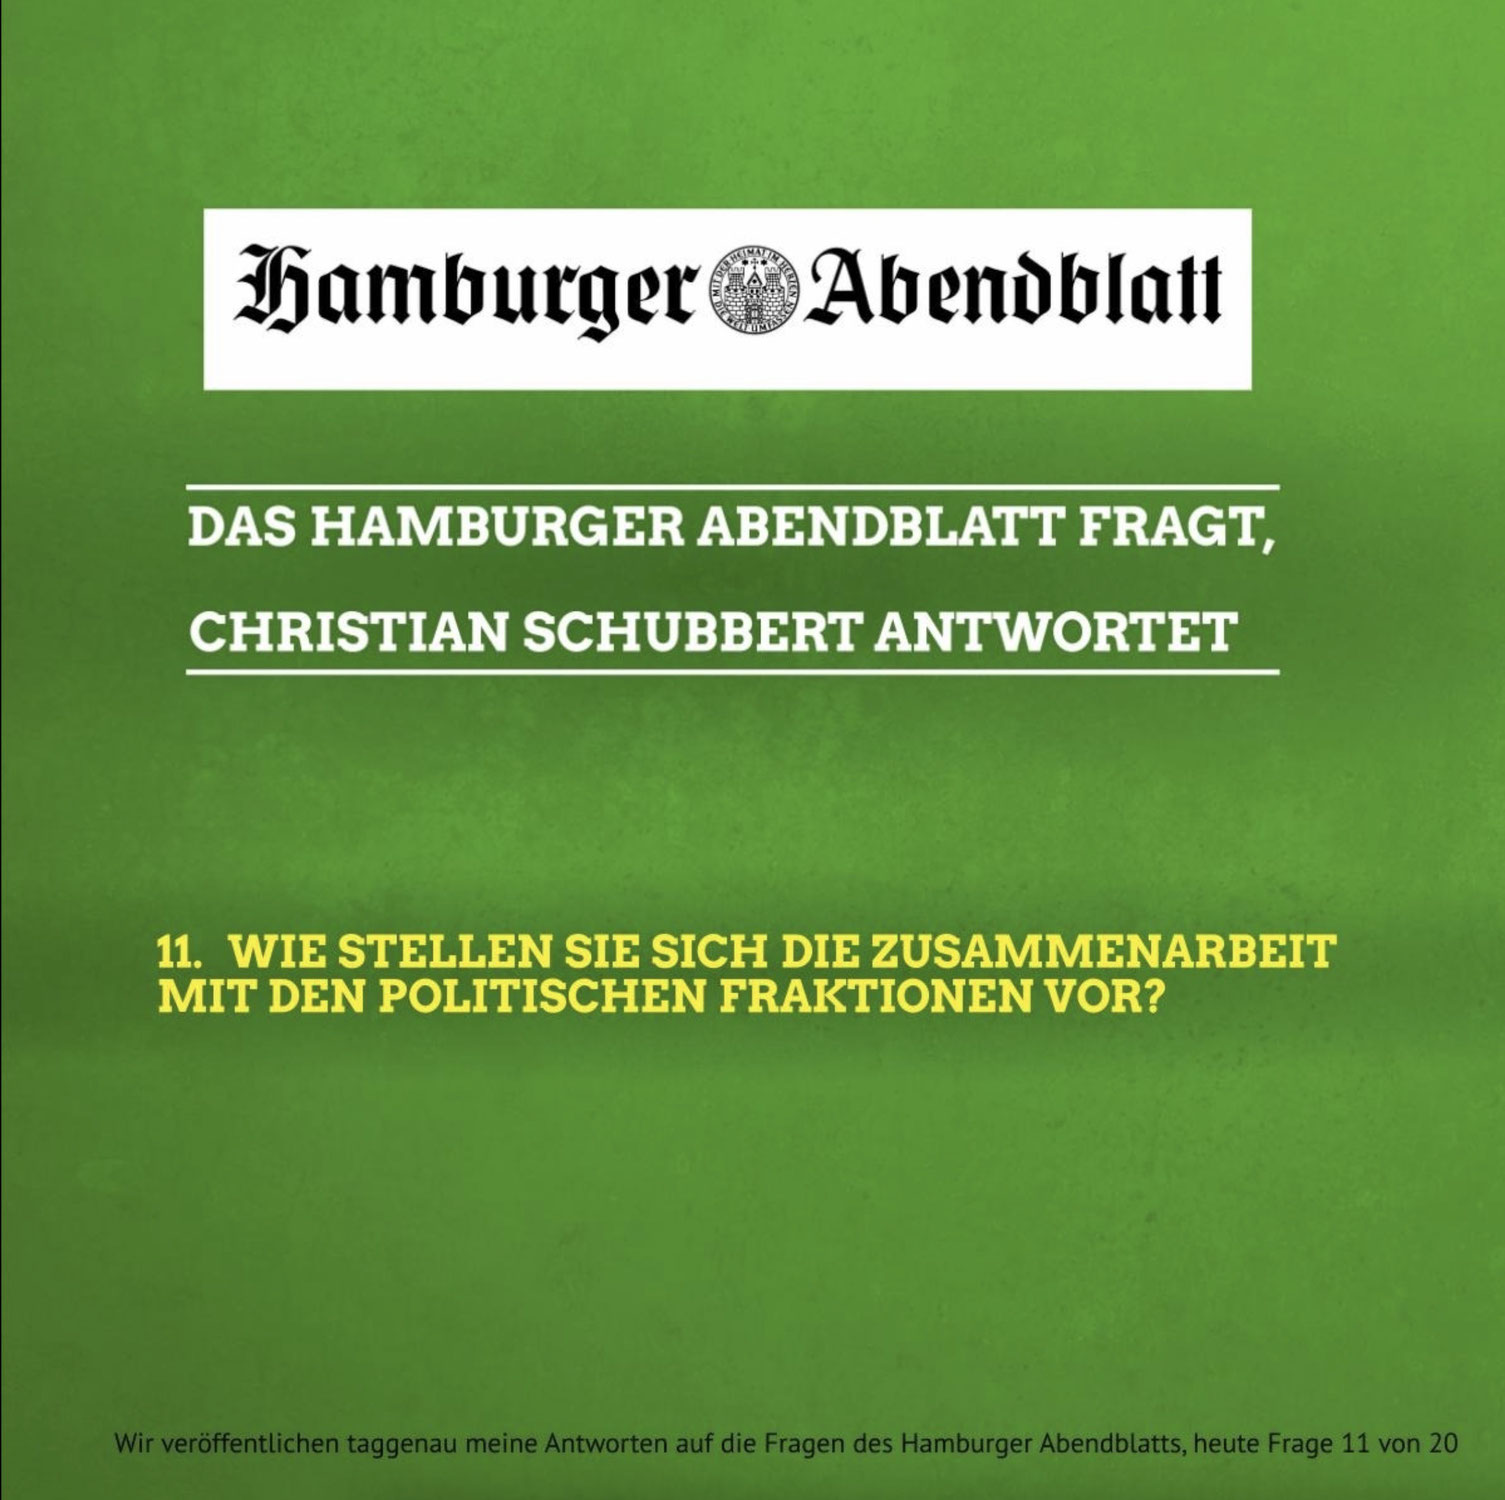 Das Hamburger Abendblatt fragt, Christian Schubbert antwortet: 11. Wie stellen Sie sich die Zusammenarbeit mit den politischen Fraktionen vor?